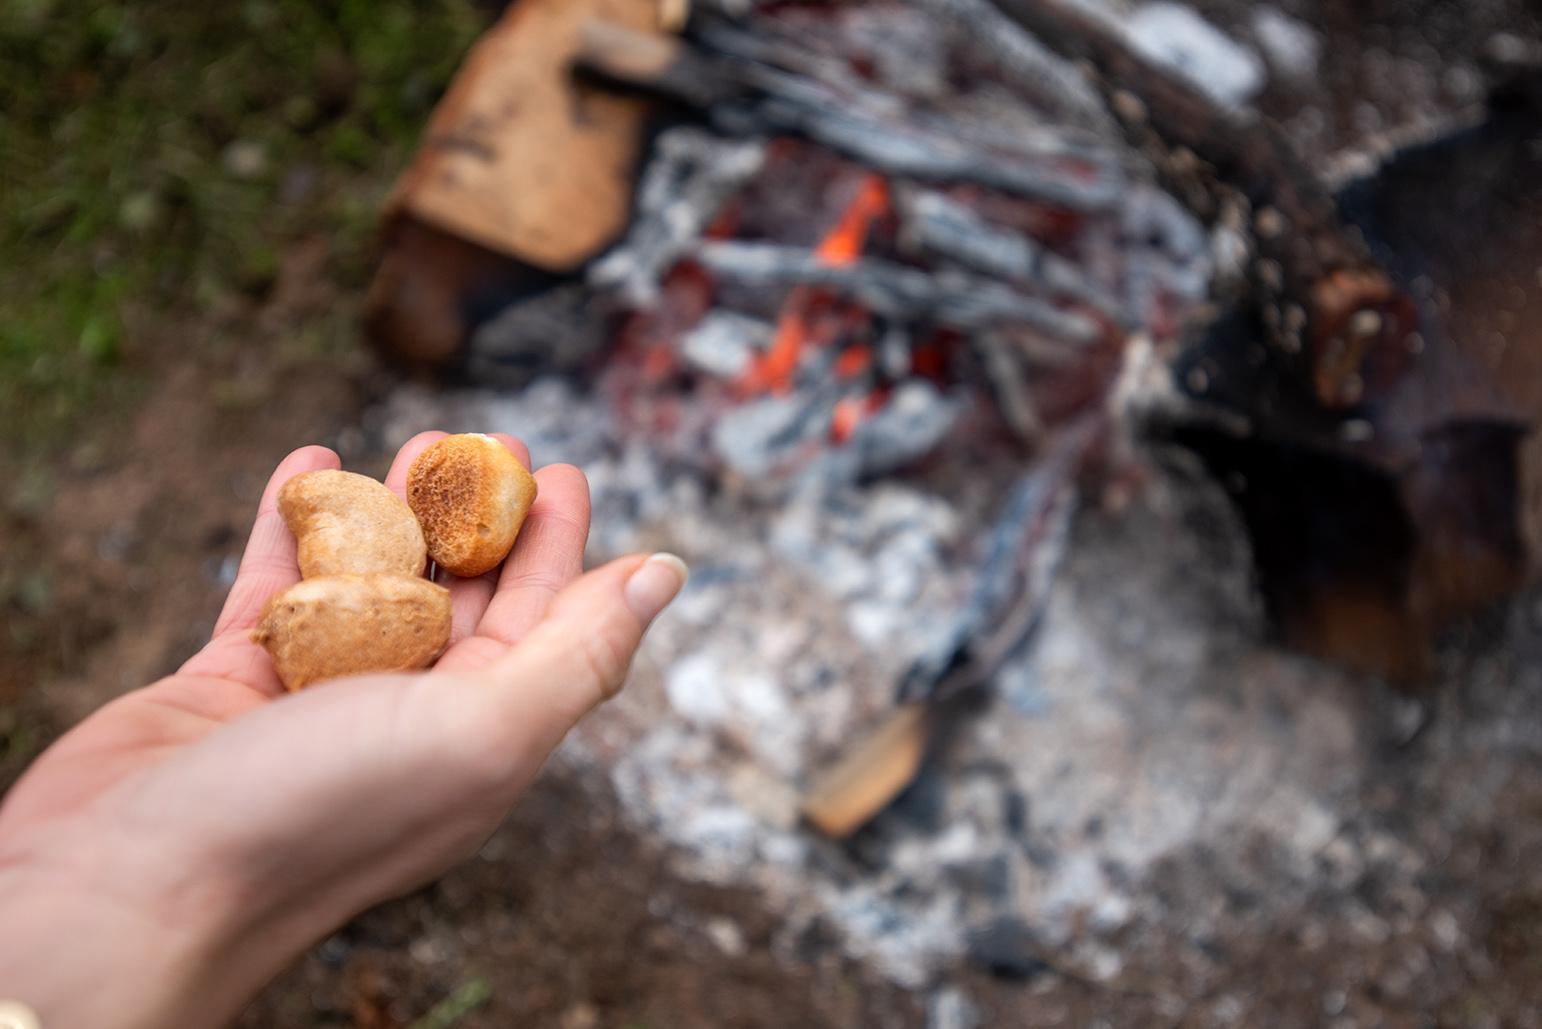 Les petits pains de l'année précédente sont brûlés.